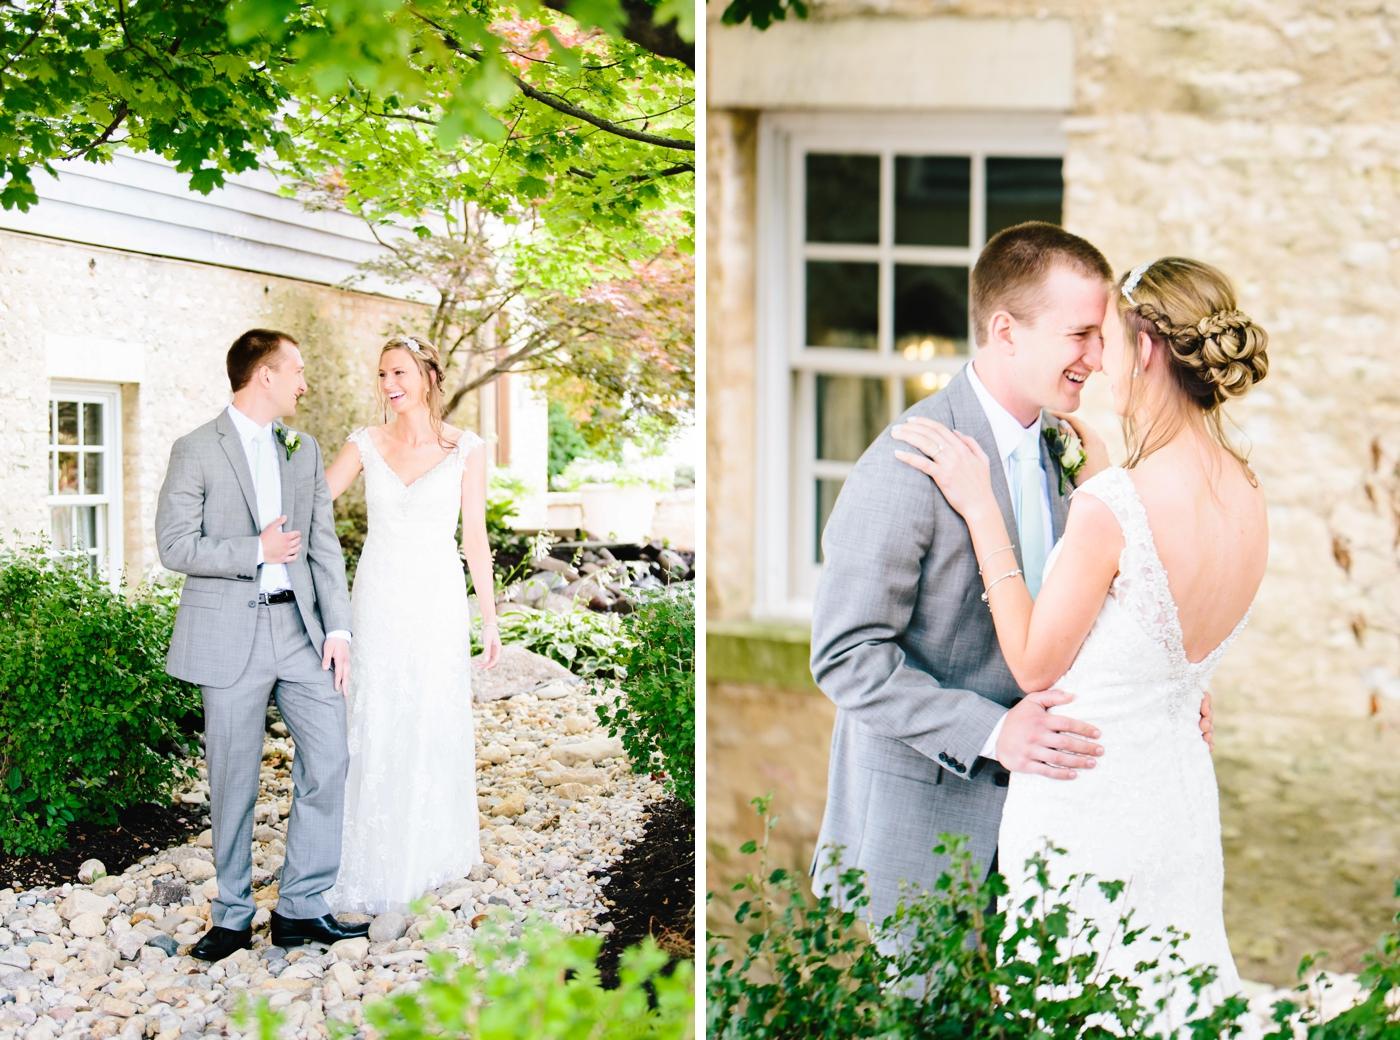 chicago-fine-art-wedding-photography-stewart10